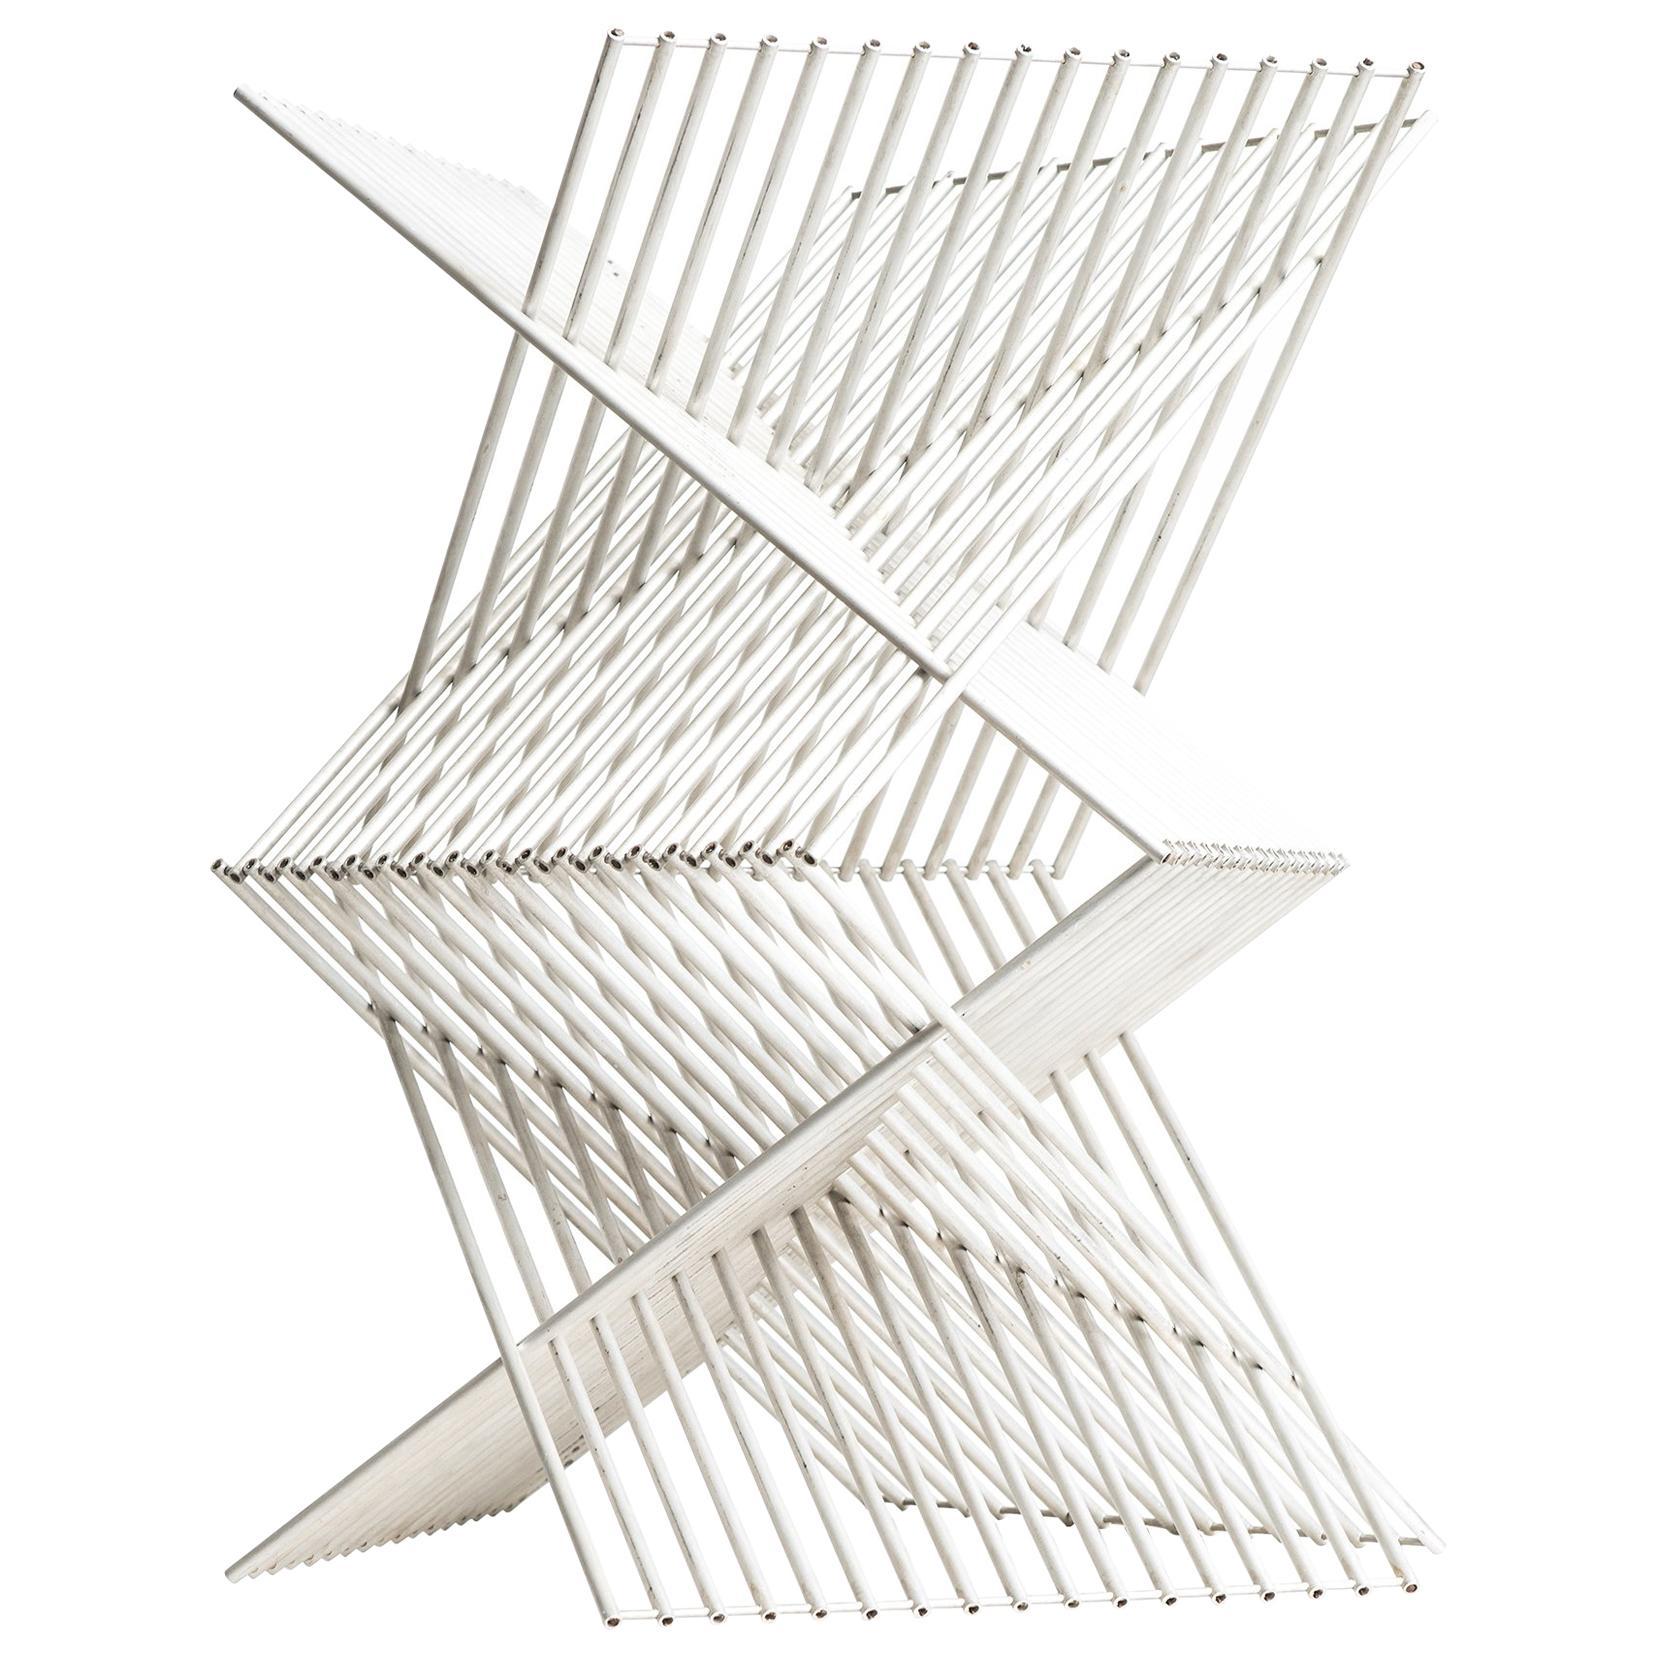 Bertil Herlow Svensson Sculpture Construction in Aluminium